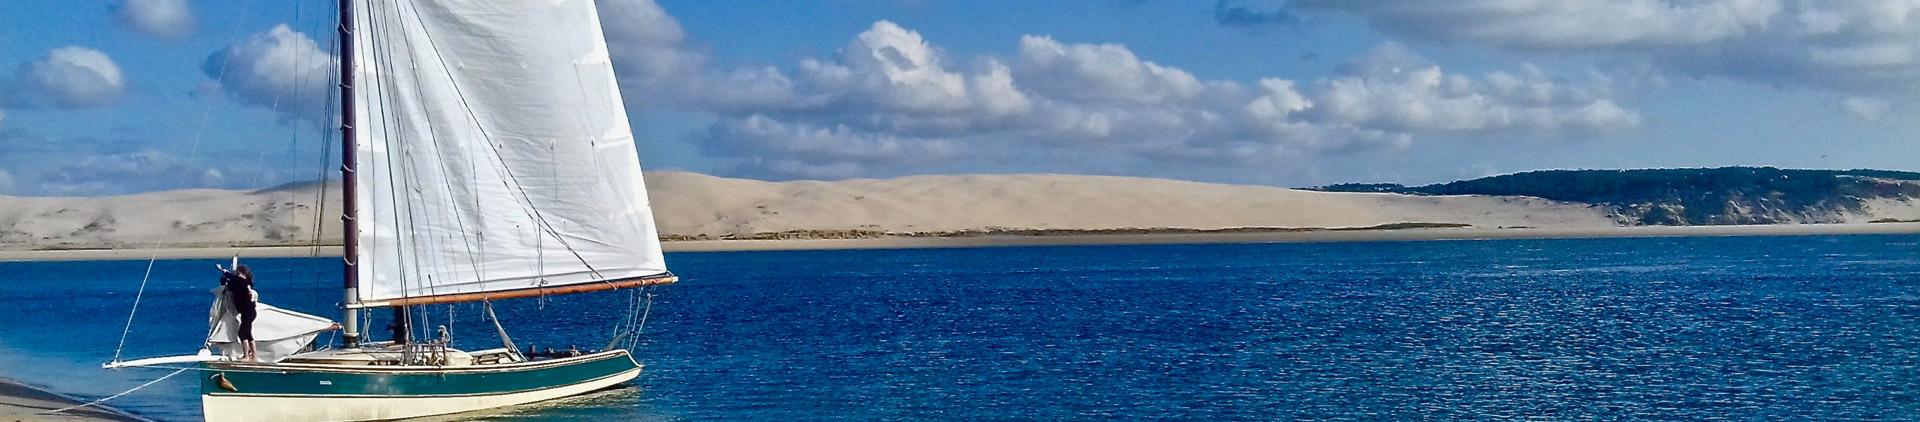 voile bassin arcachon ecotours séjour groupe insolite